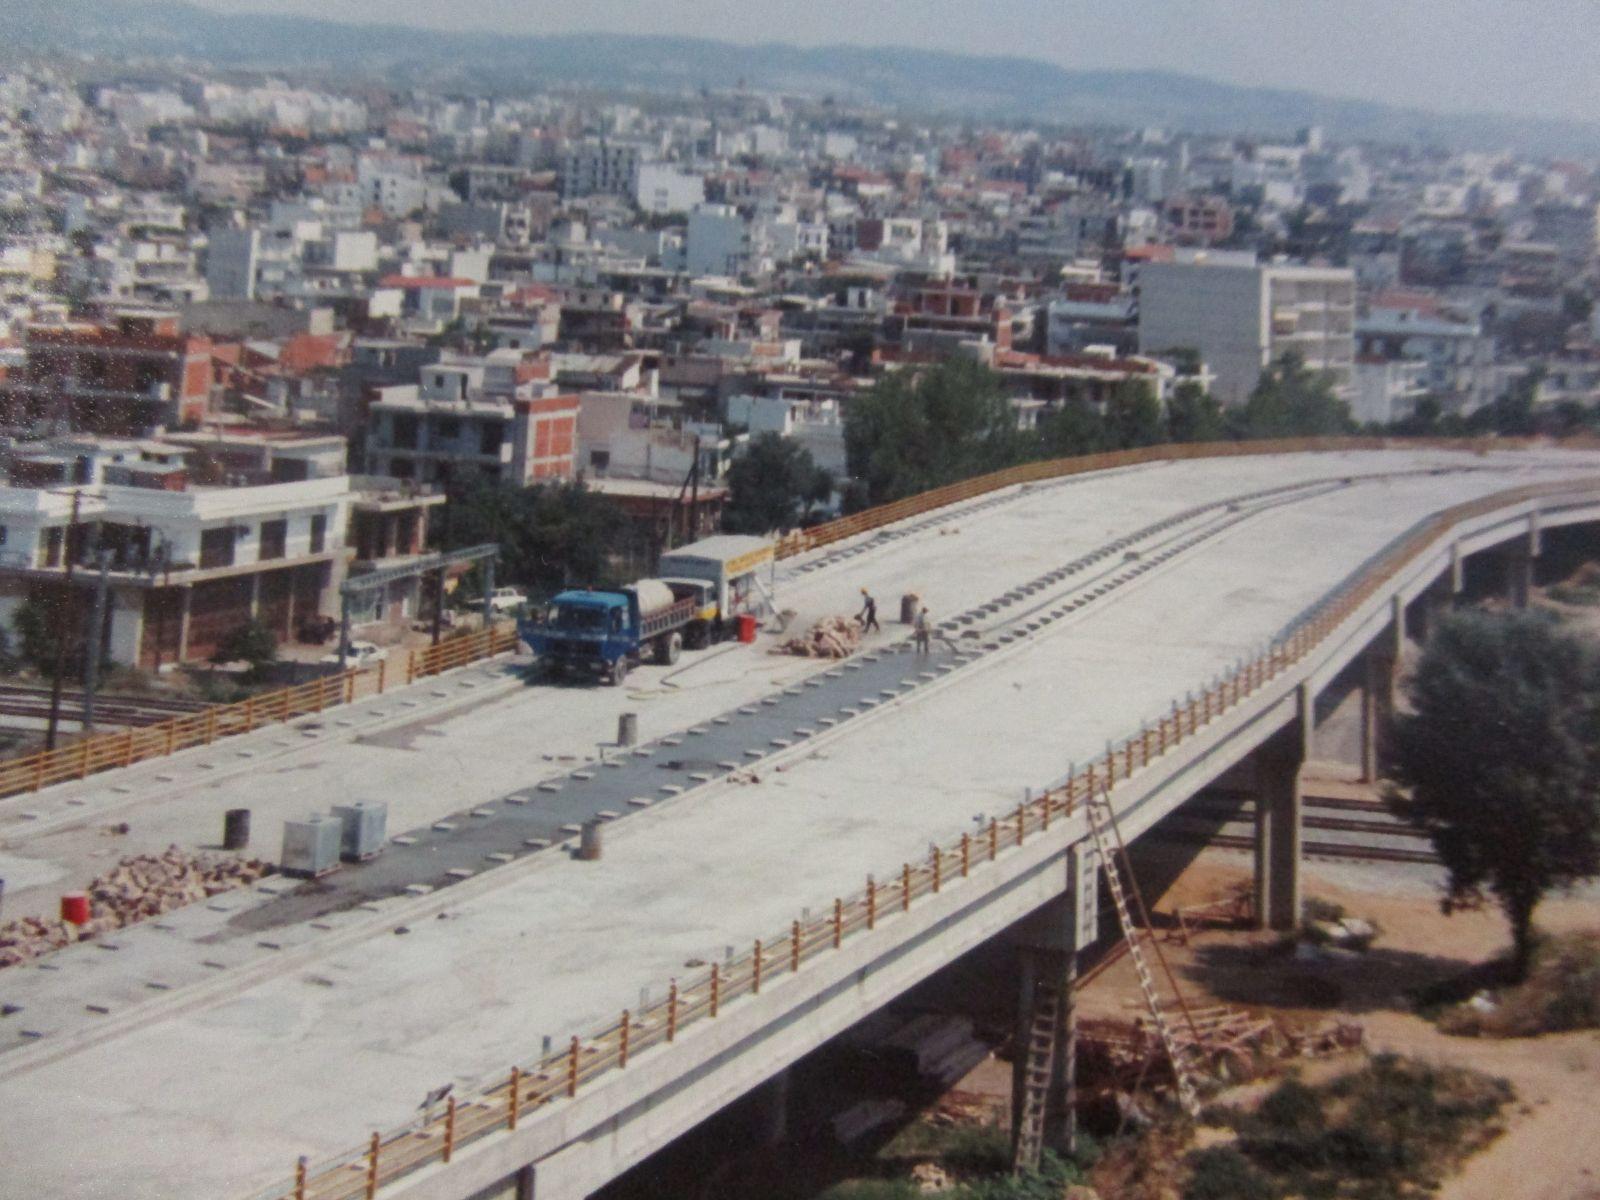 Ελαφροσκυρόδεμα στην γέφυρα Λεωφόρο Δενδροποτάμου στην Θεσσαλονίκη σε ποσότητα 1.000 κυβικά